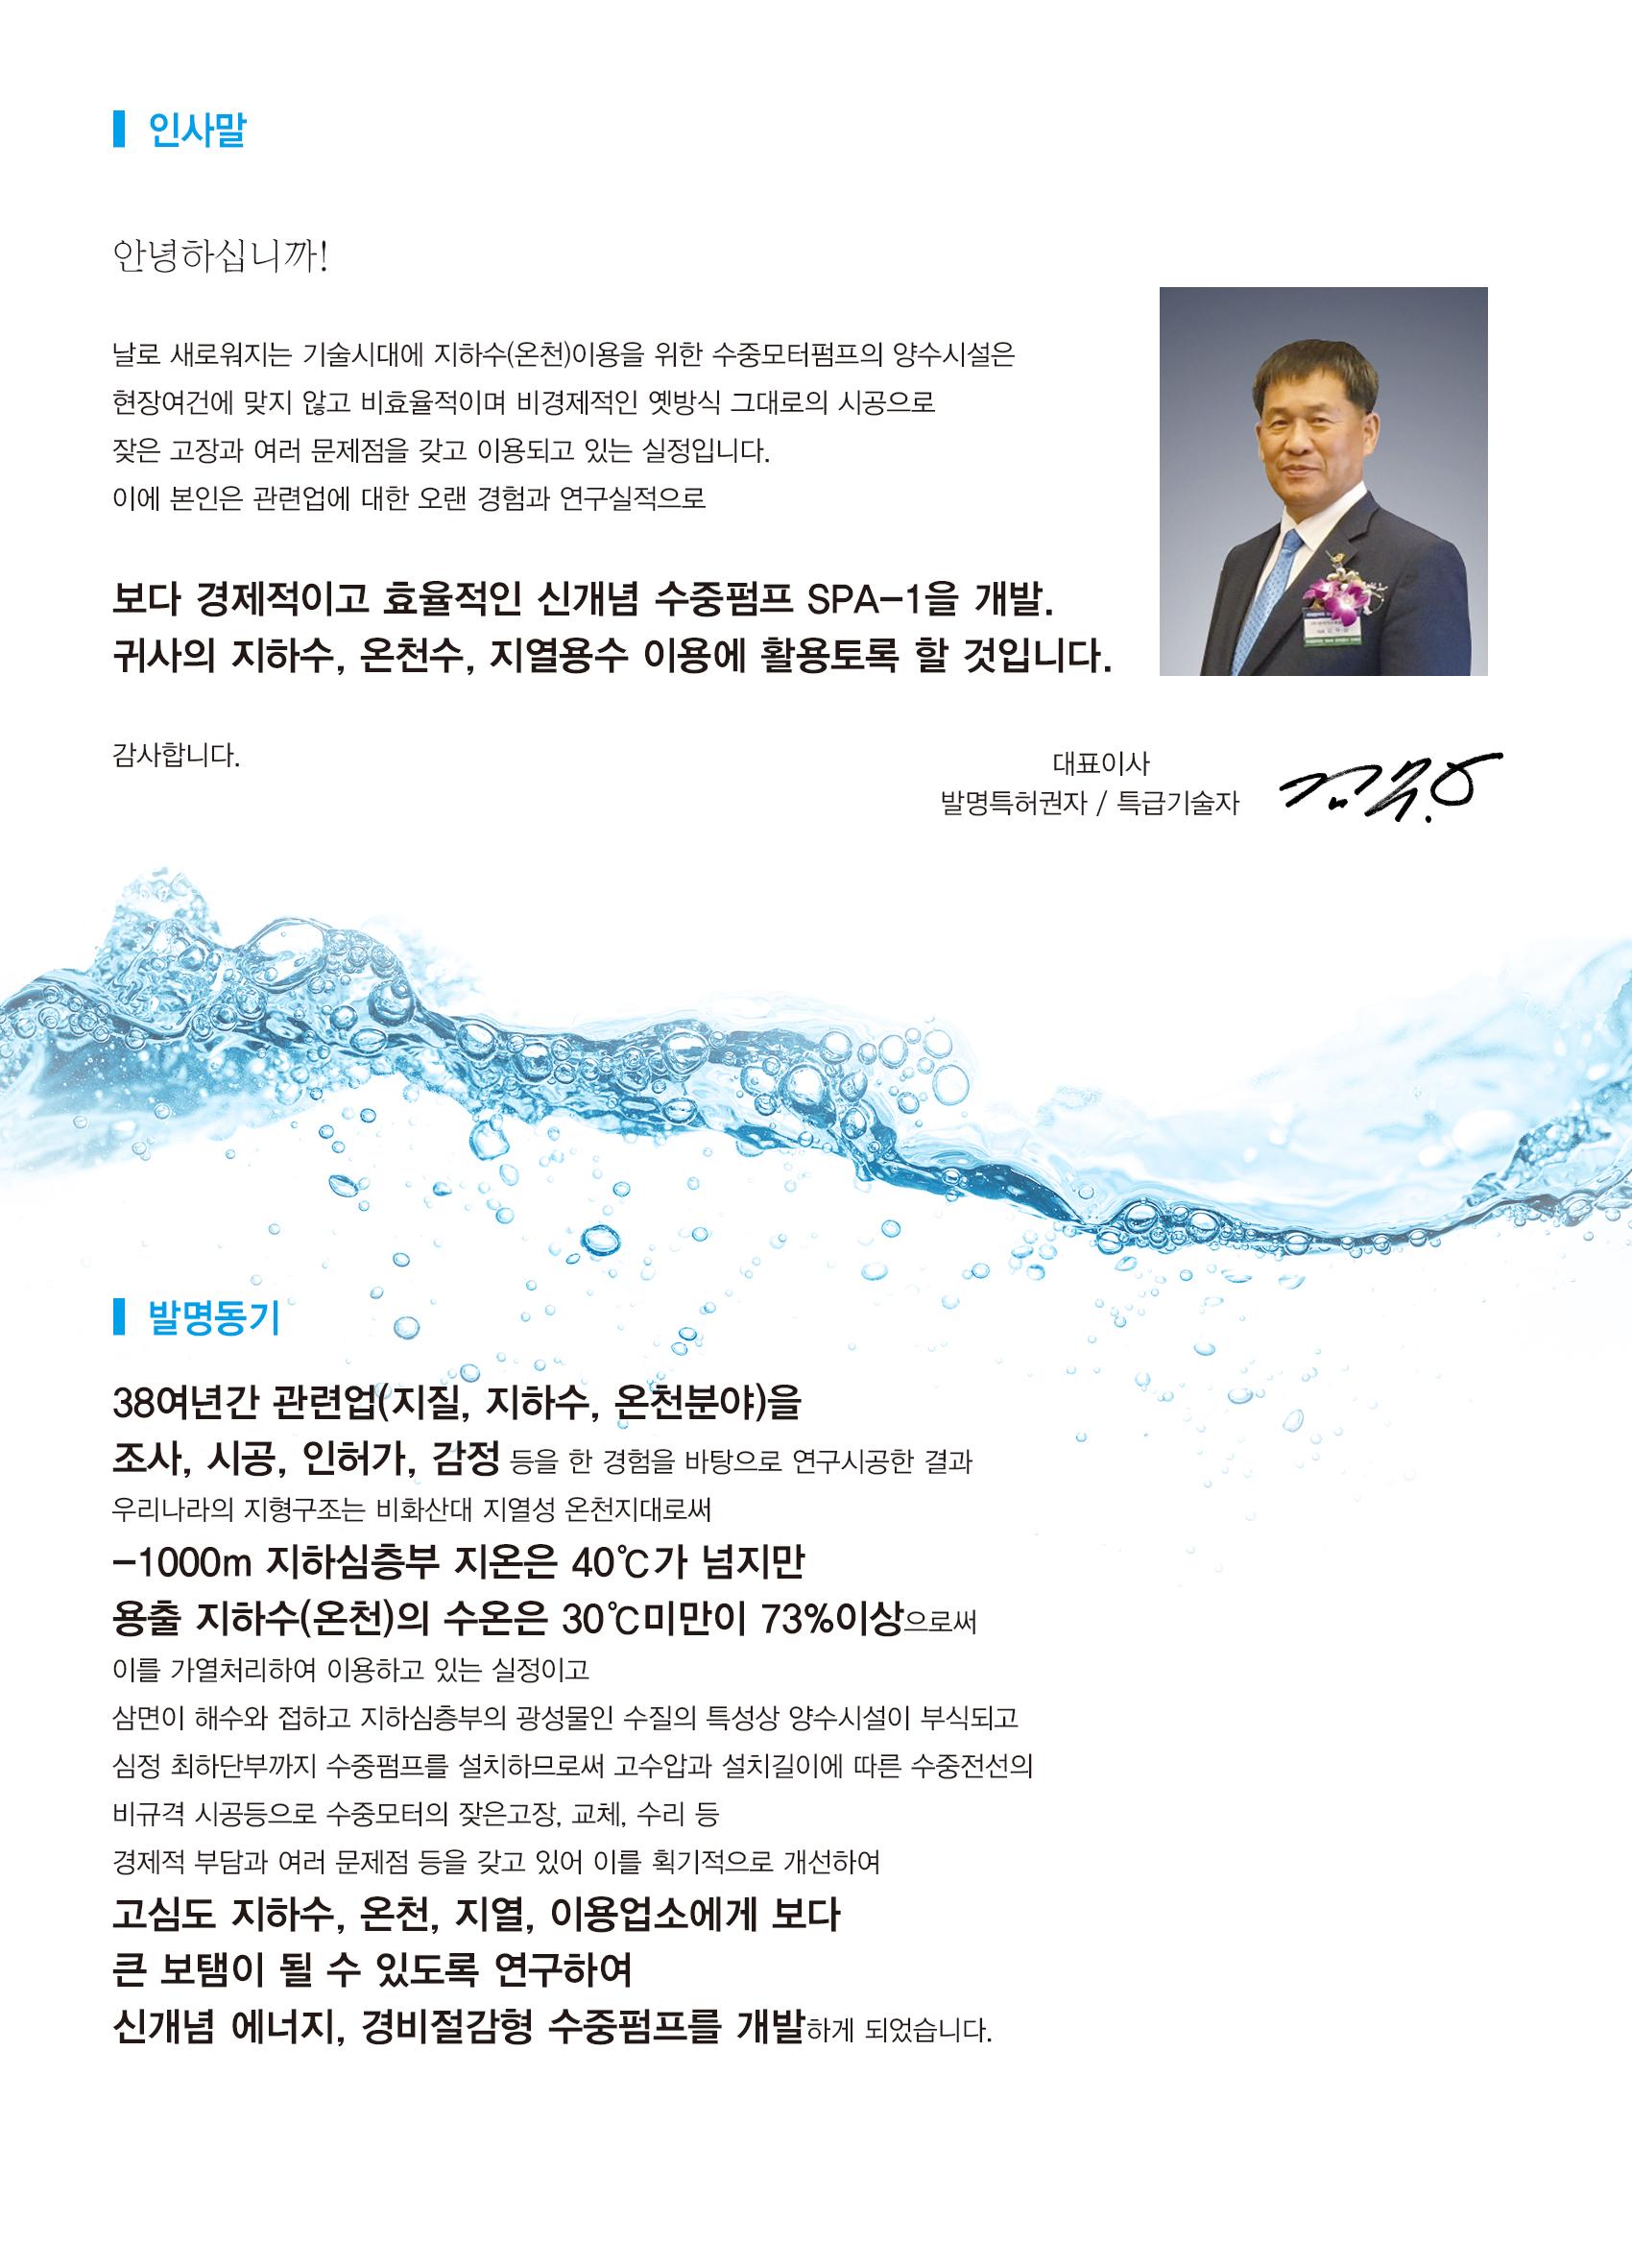 한국지수-인사말.jpg